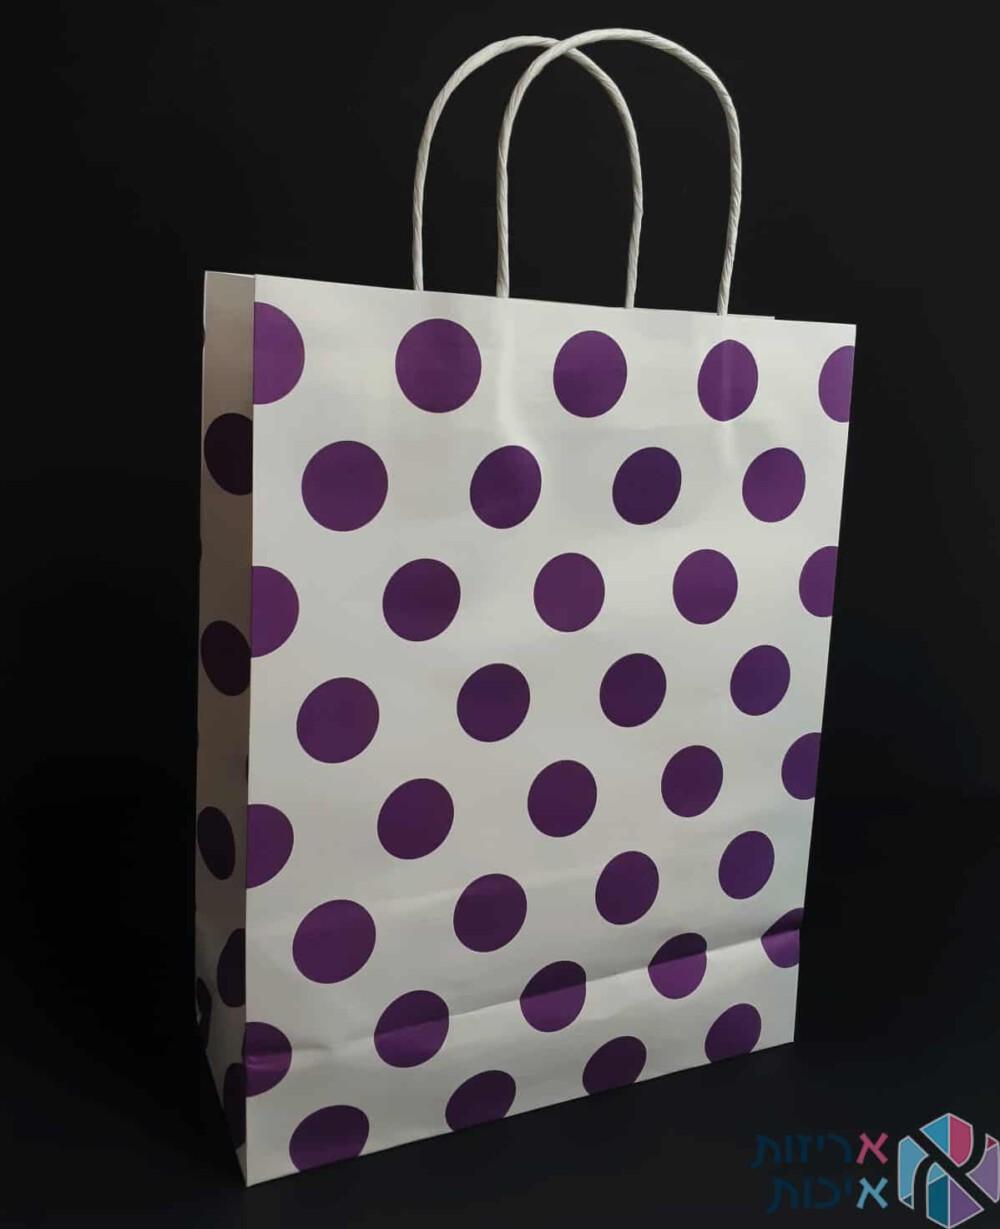 שקיות נייר עם ידית מגולגלת - לבן עם נקודות סגולות